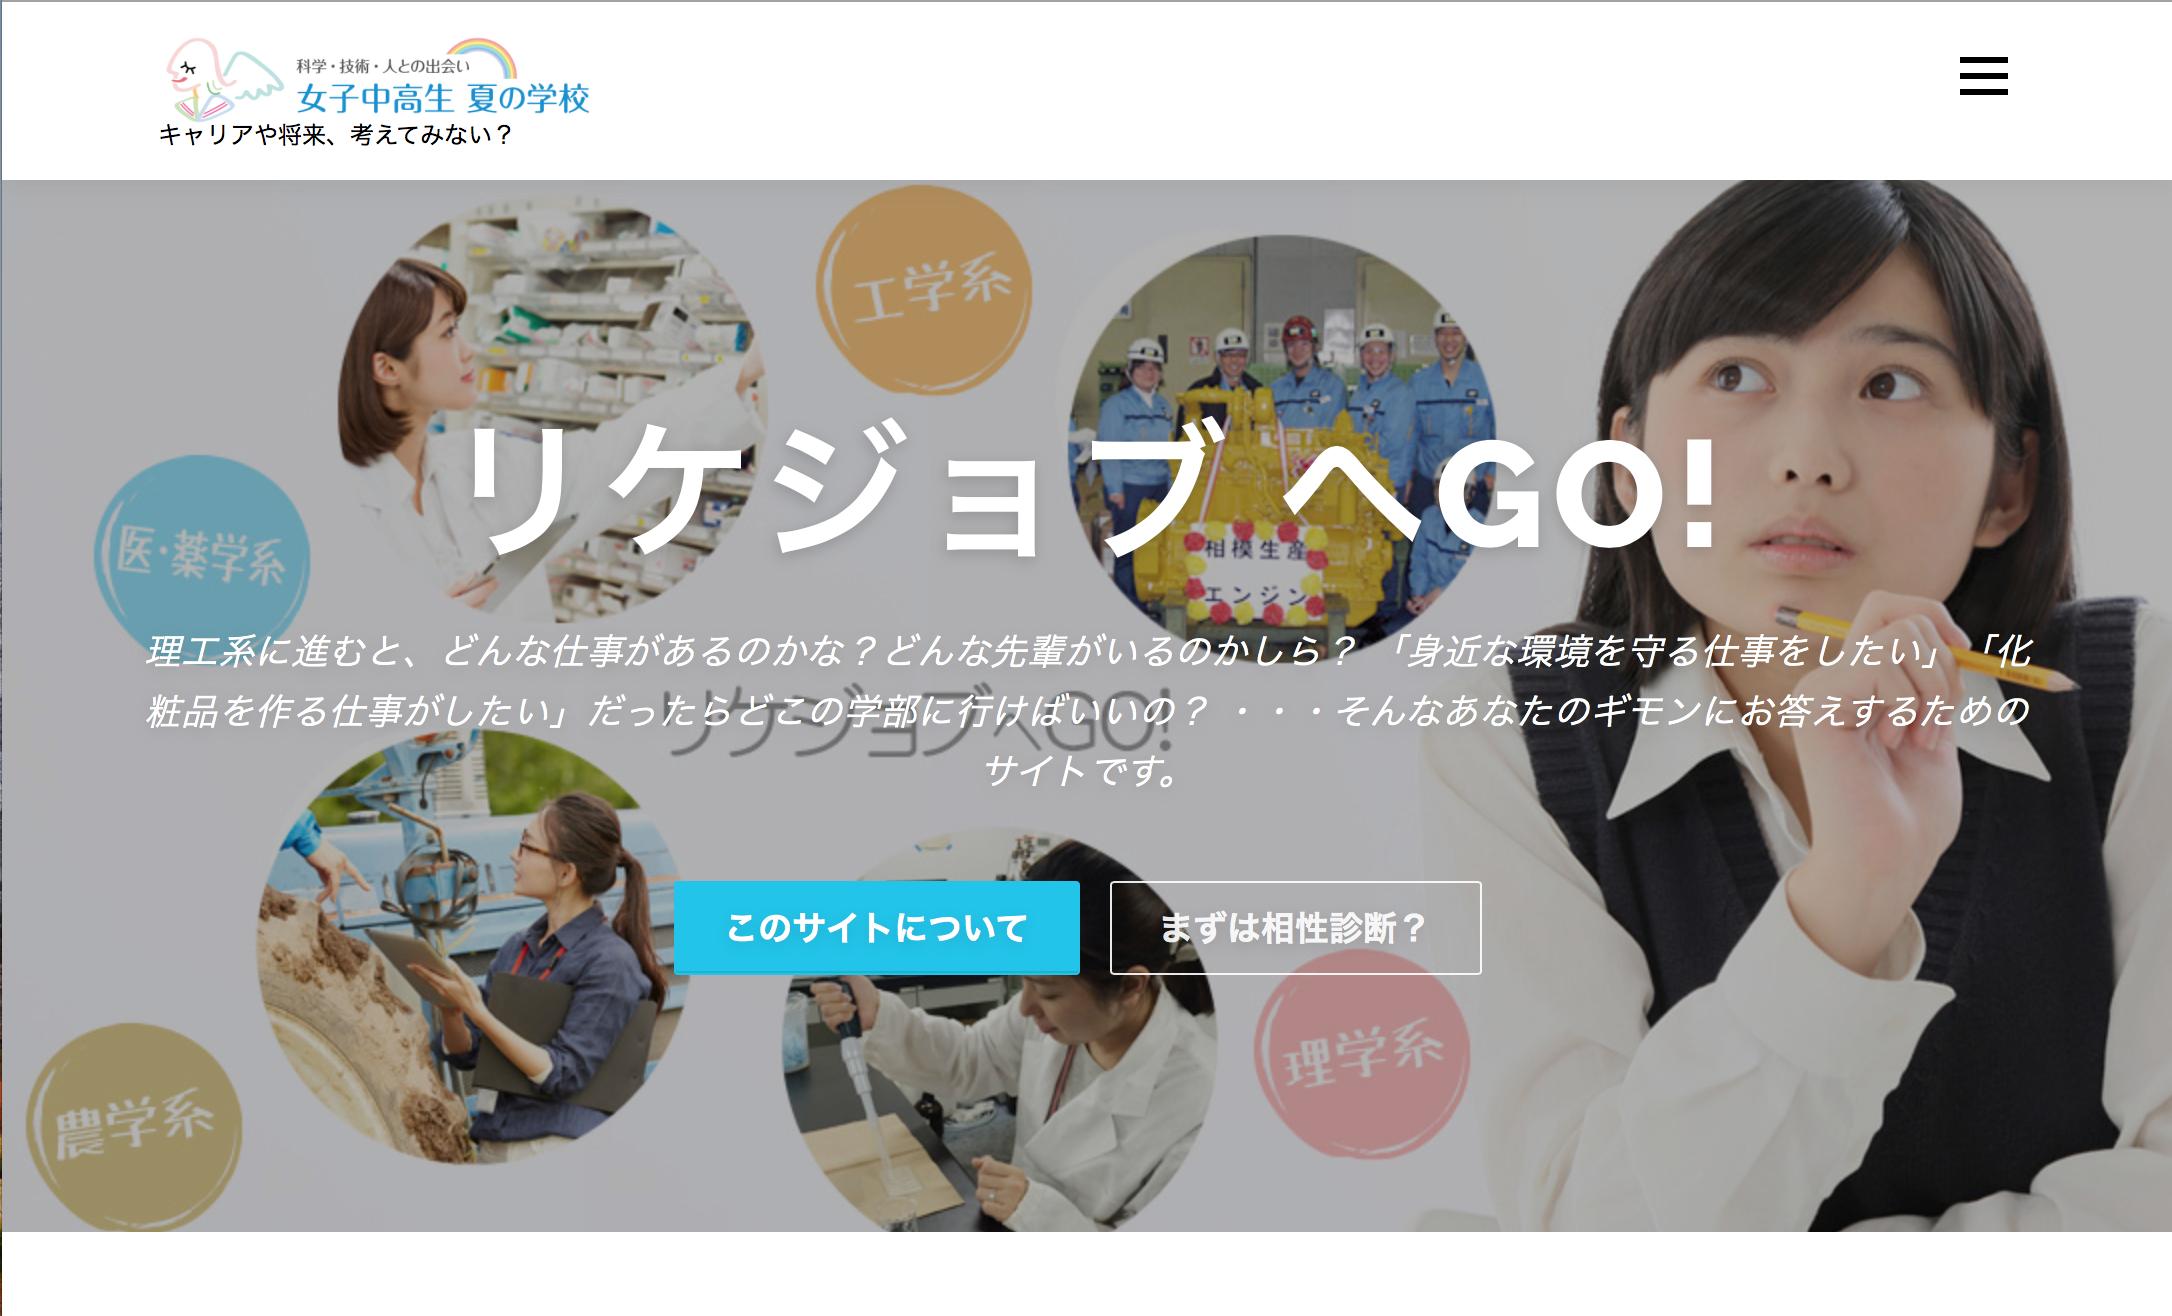 「リケジョブへGO!」(キャリア系統図サイト)を公開しています!